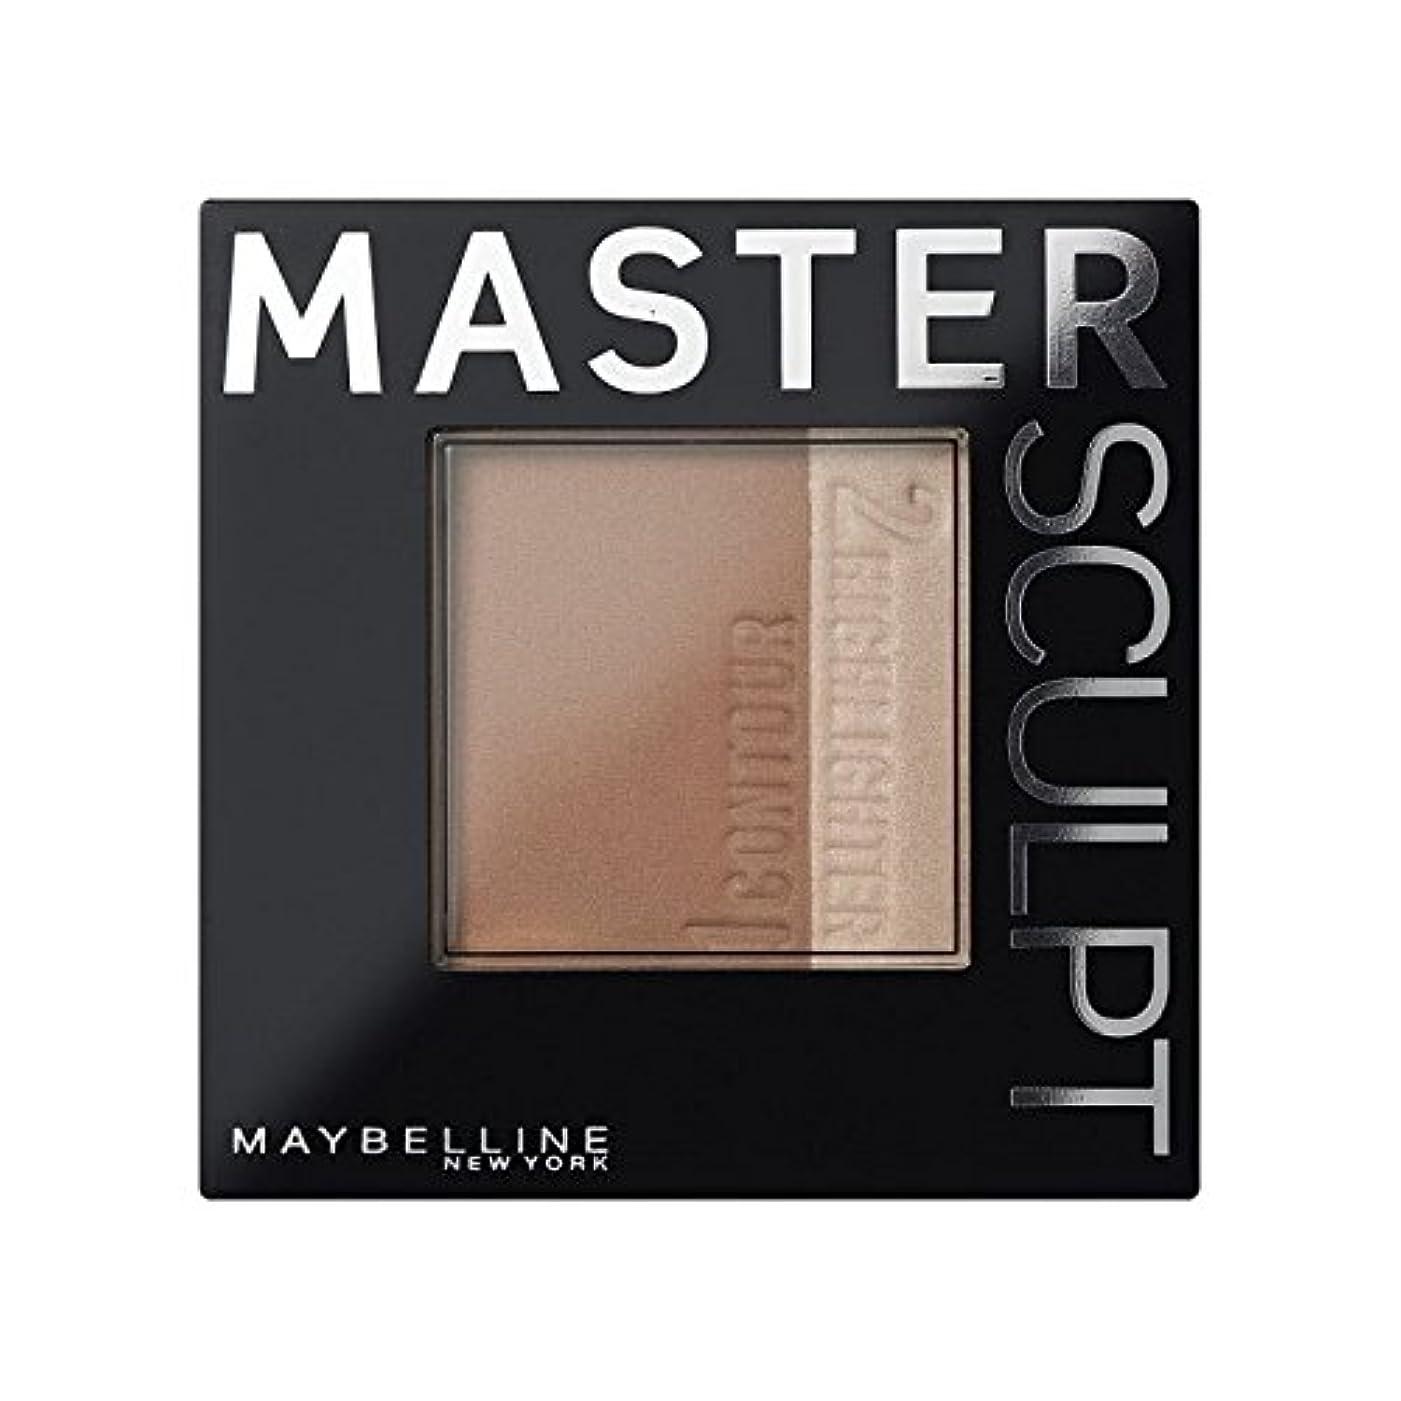 別々にアサー読み書きのできないMaybelline Master Sculpt Contouring Foundation 02 Med/Dark - メイベリンマスタースカルプト基盤02の /暗い輪郭 [並行輸入品]